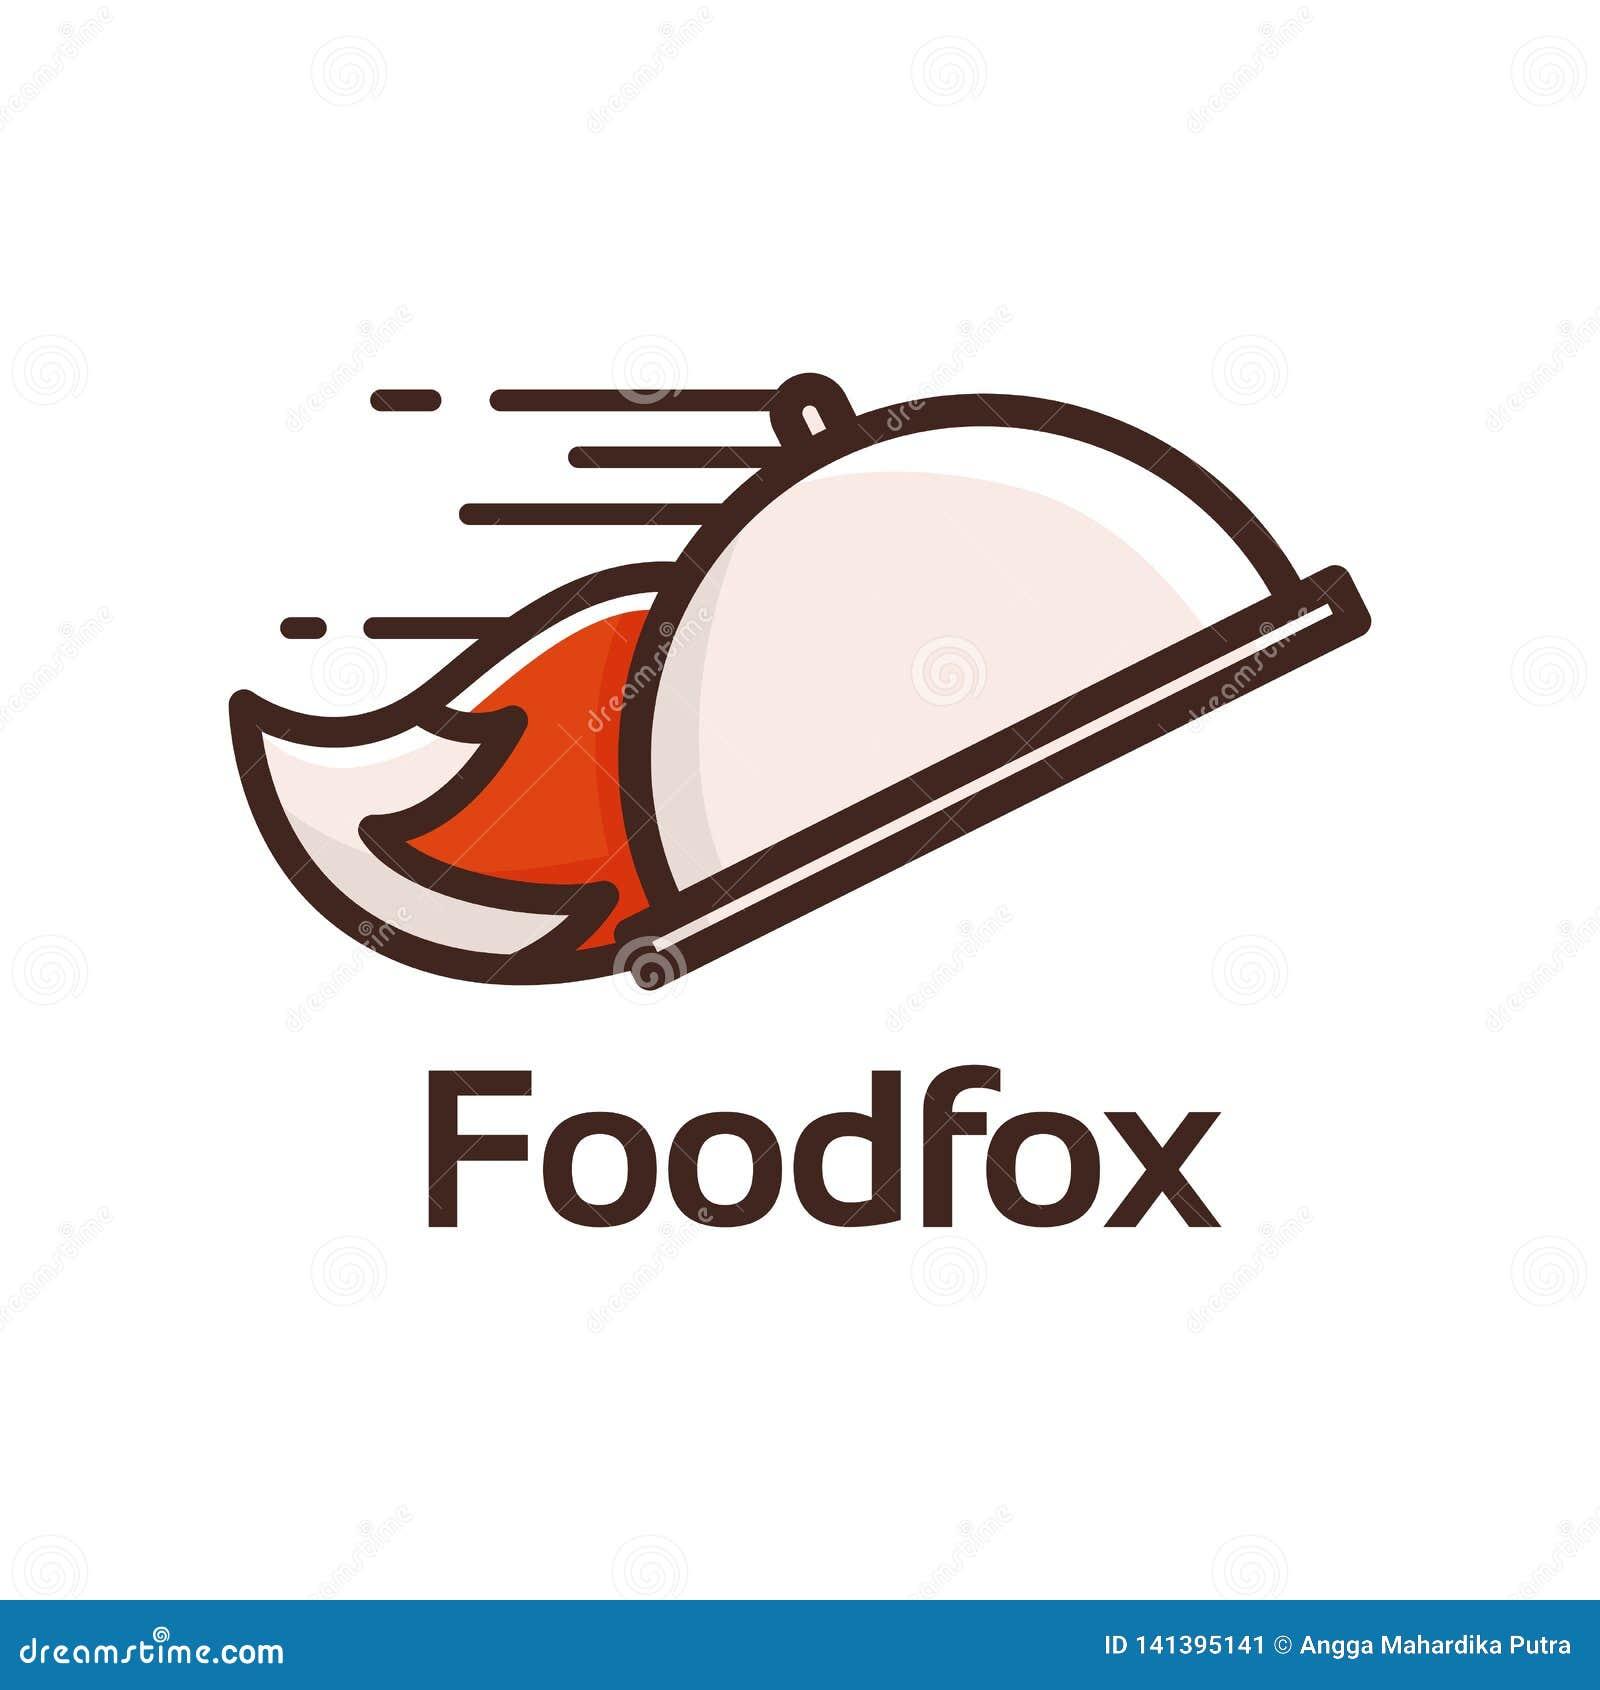 Food fox logo stock illustration  Illustration of breakfast - 141395141